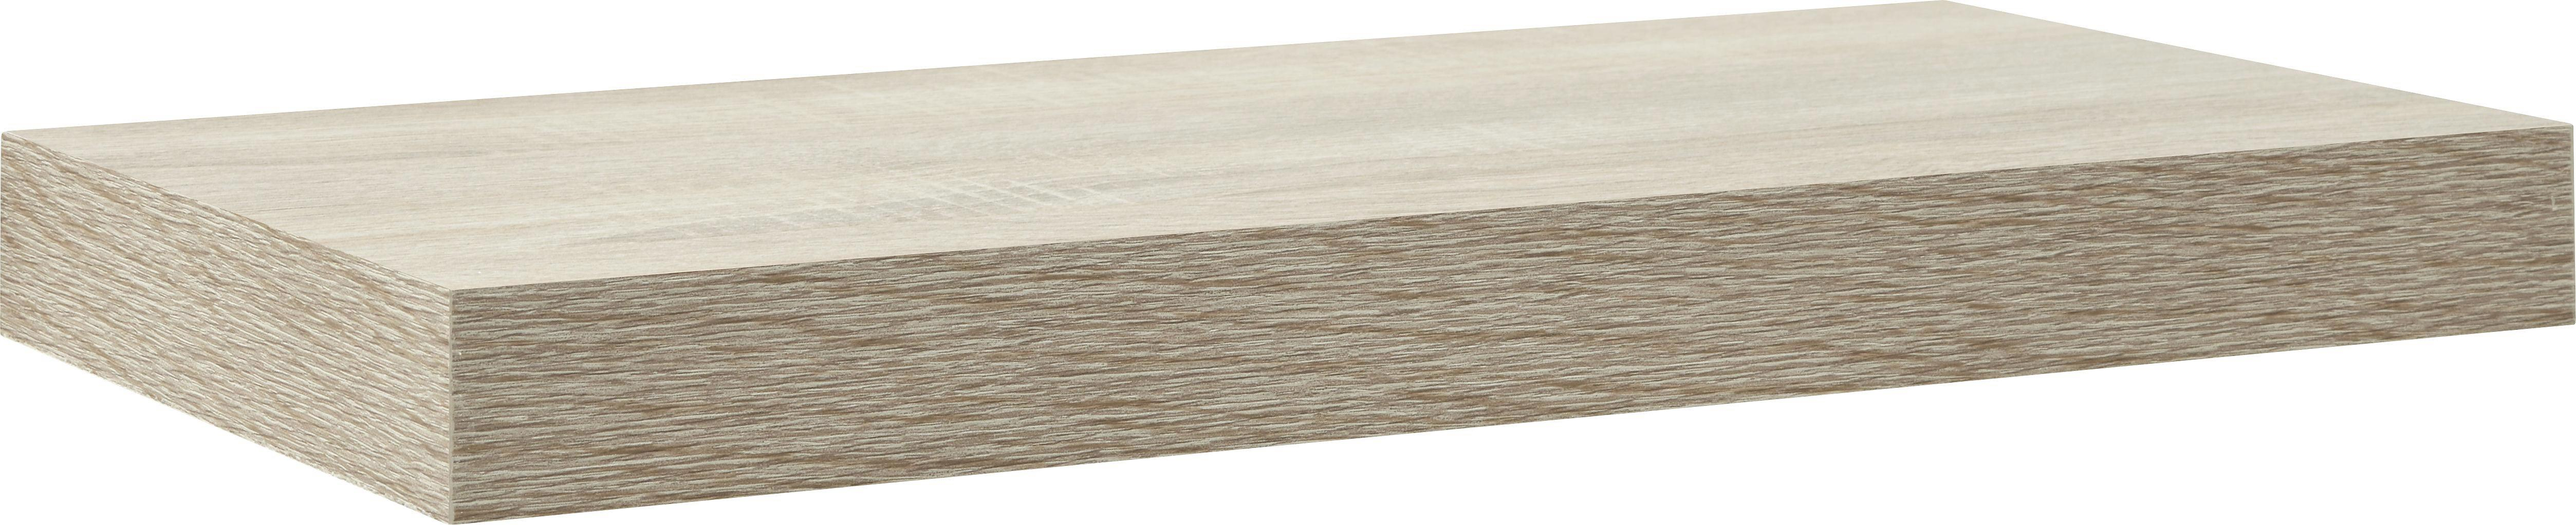 Wandboard in Trüffeleichefarben - Trüffeleichefarben, Holz (50/4.4/24cm) - MÖMAX modern living